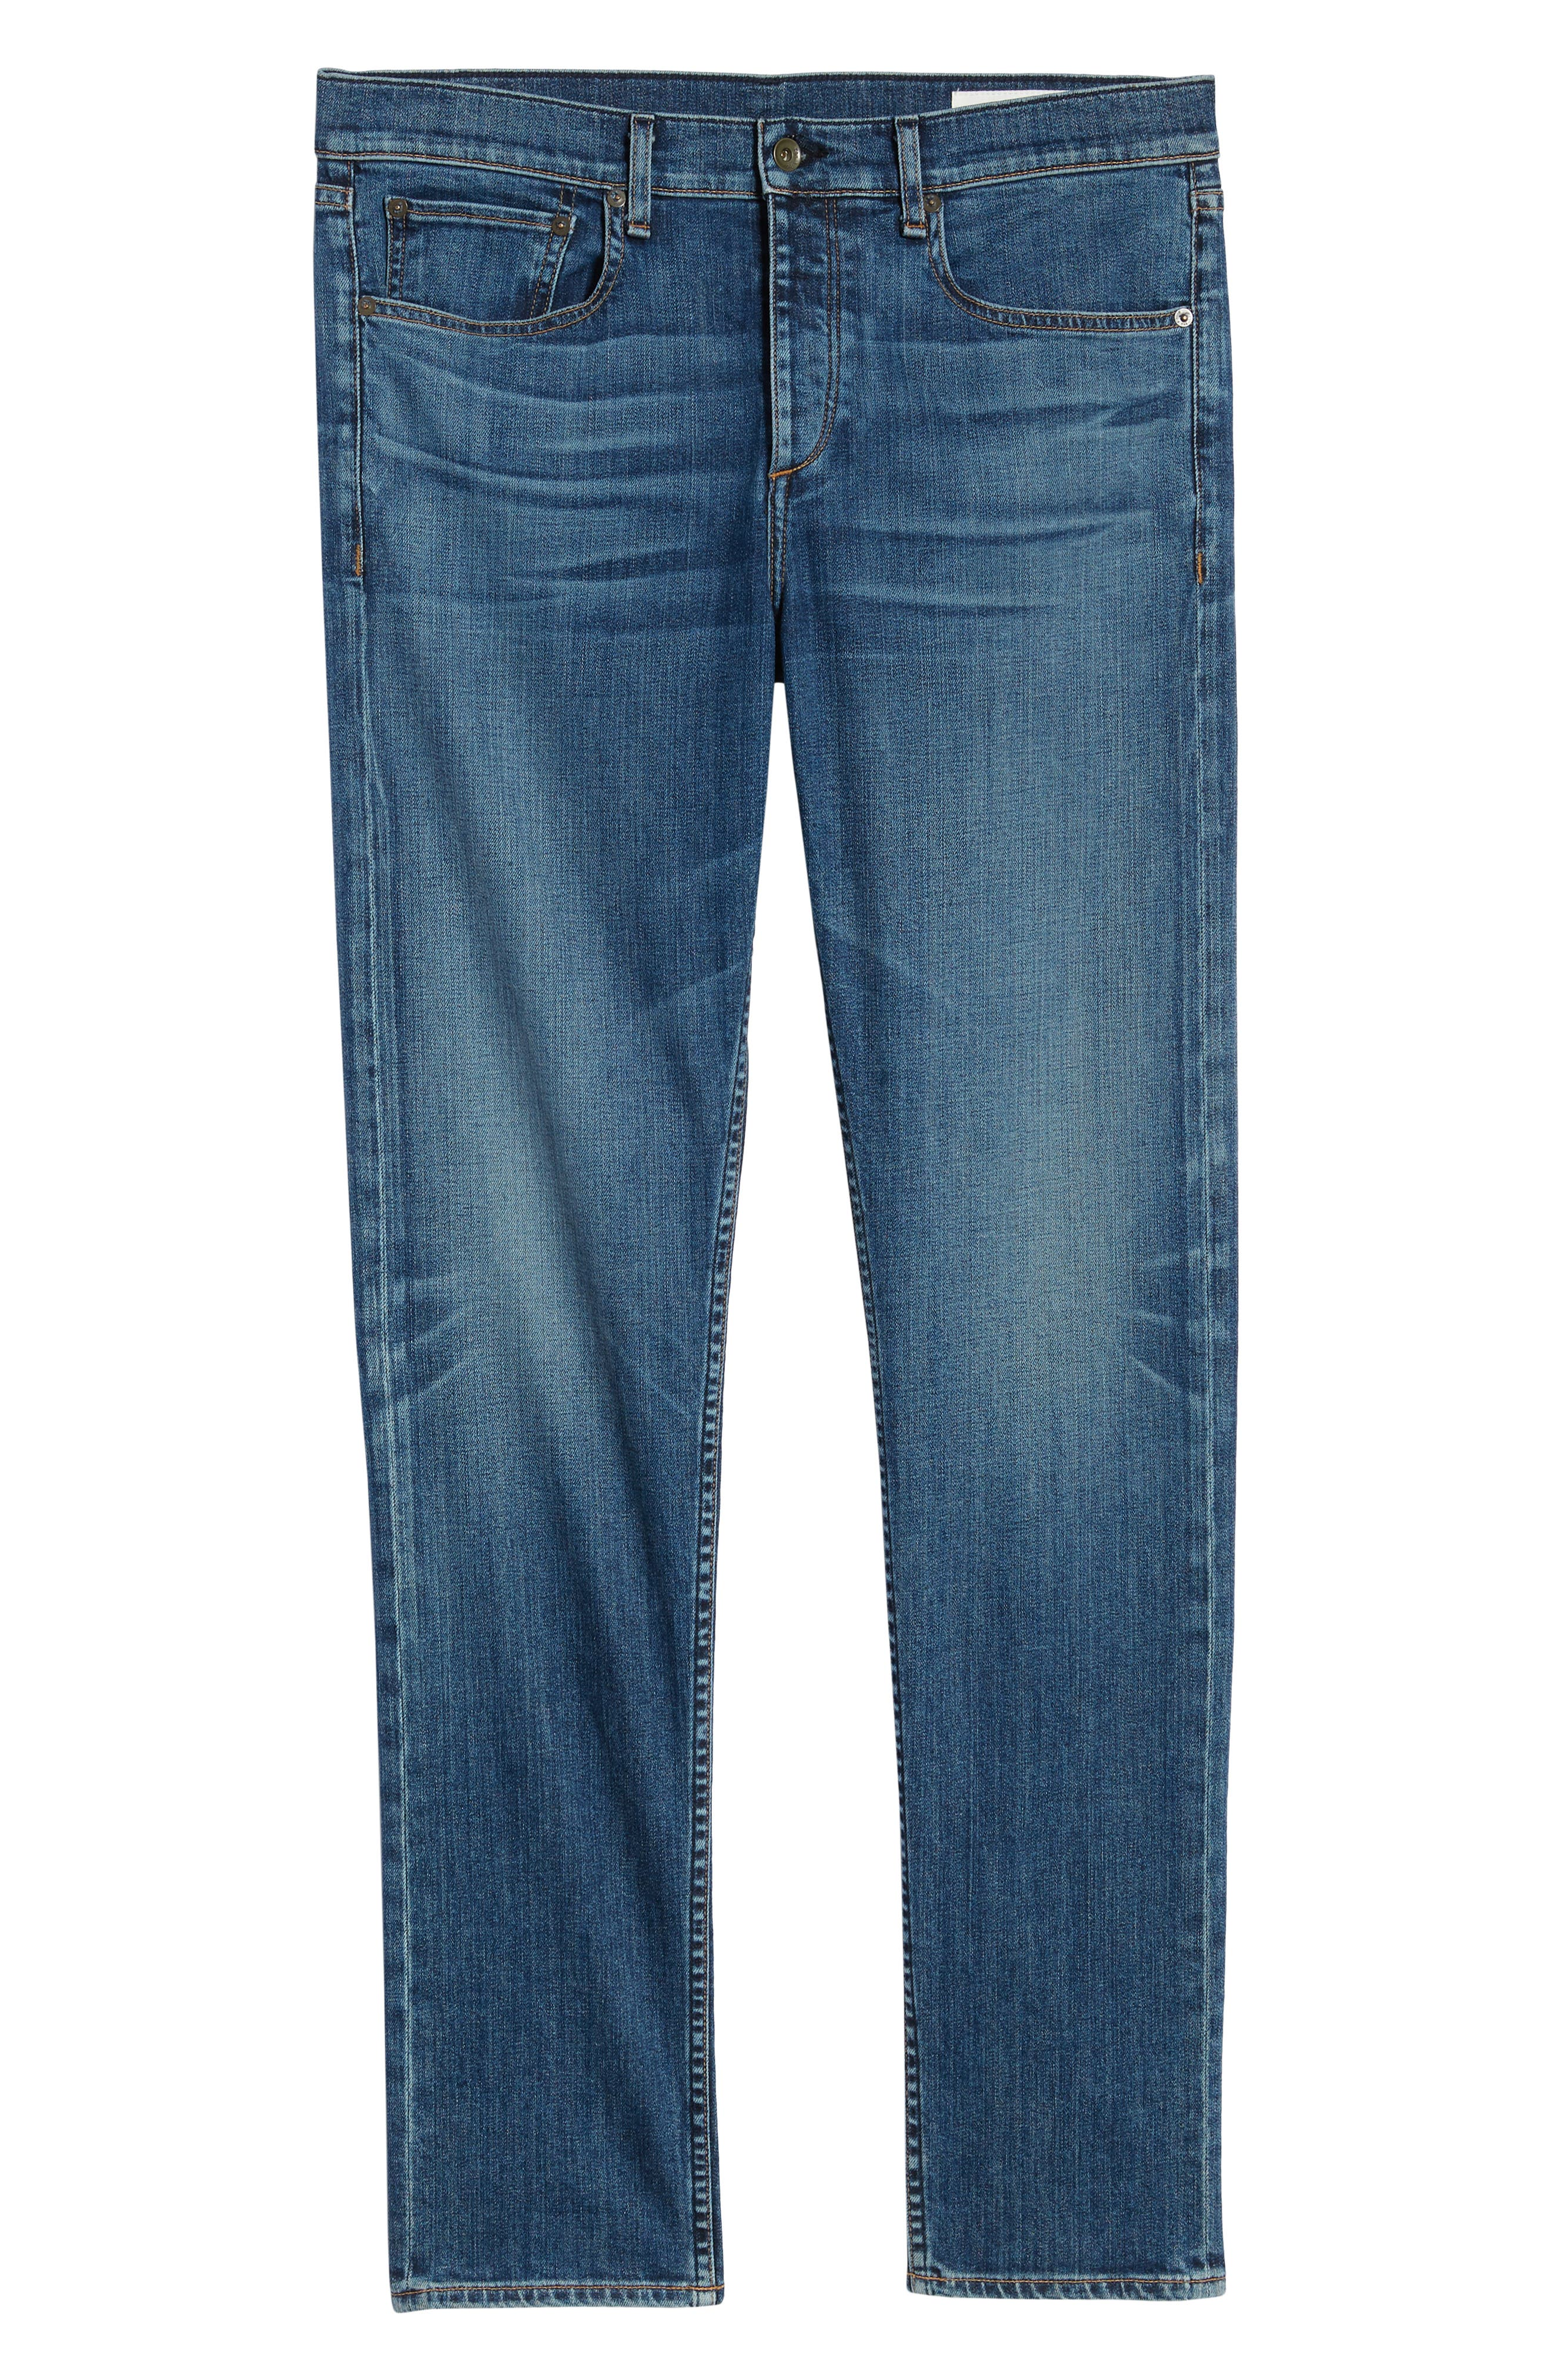 RAG & BONE, Fit 2 Slim Fit Jeans, Alternate thumbnail 7, color, THROOP